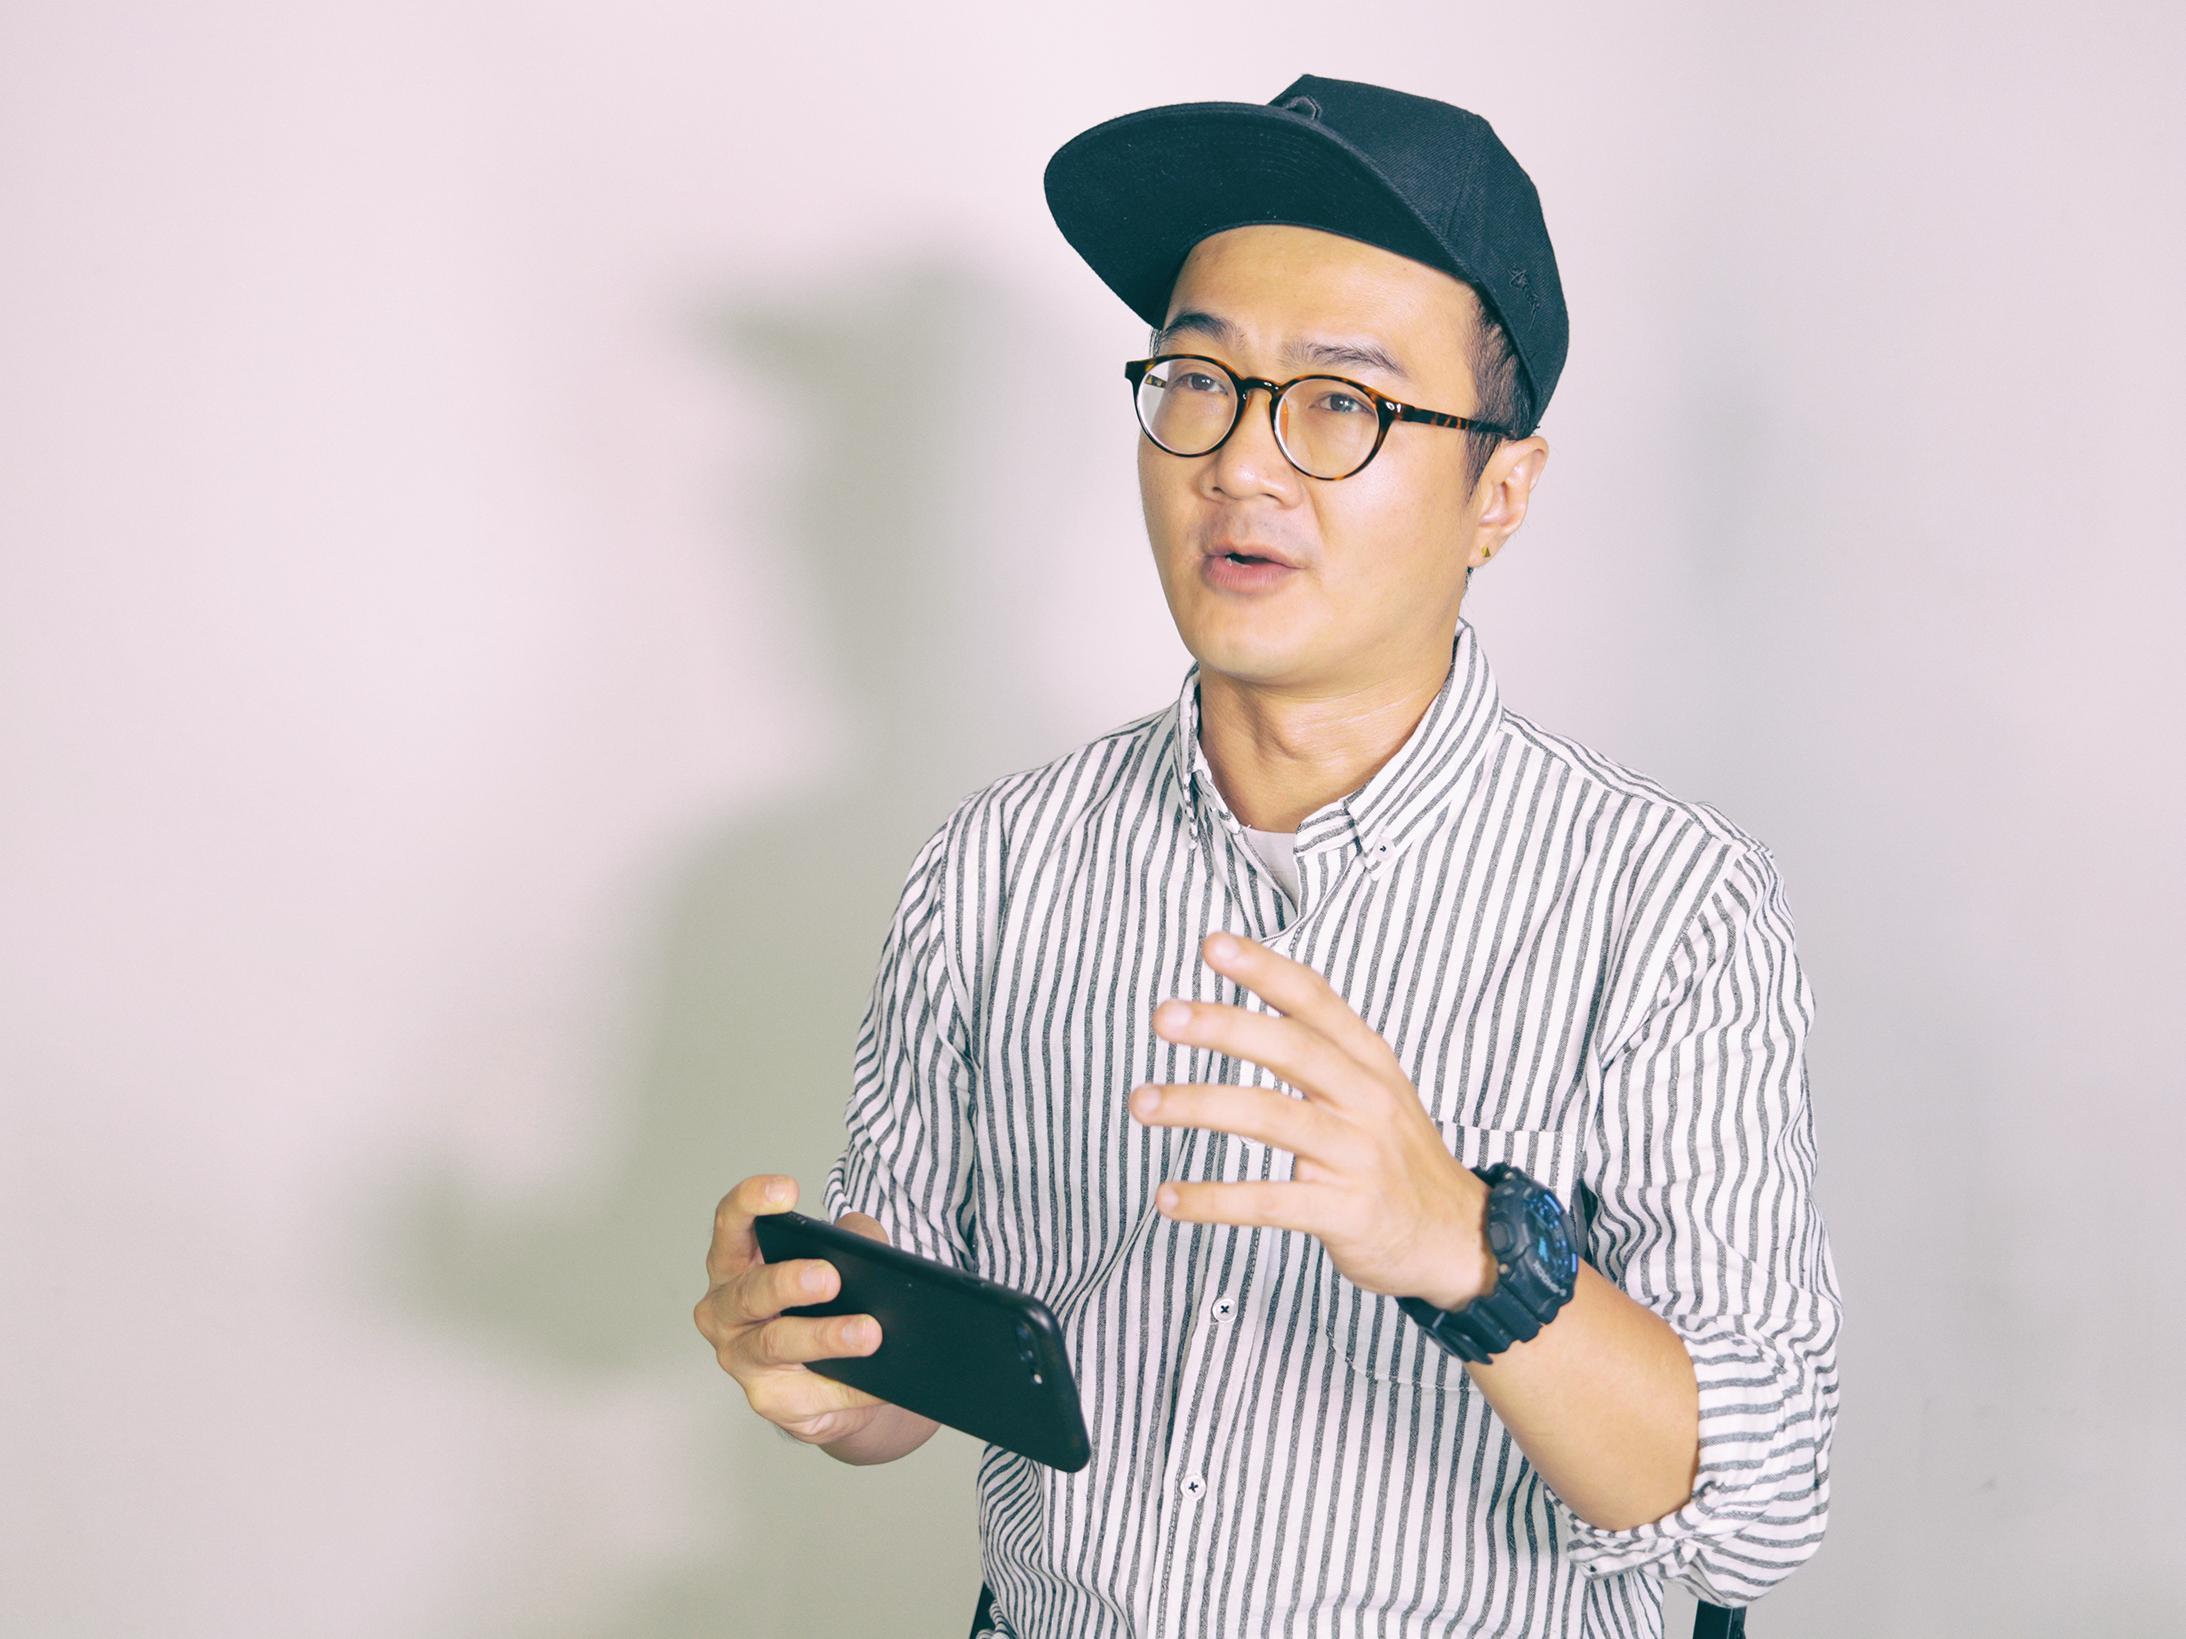 網紅貝克大叔談起手機拍片教學,眼神中流露出無限熱情。